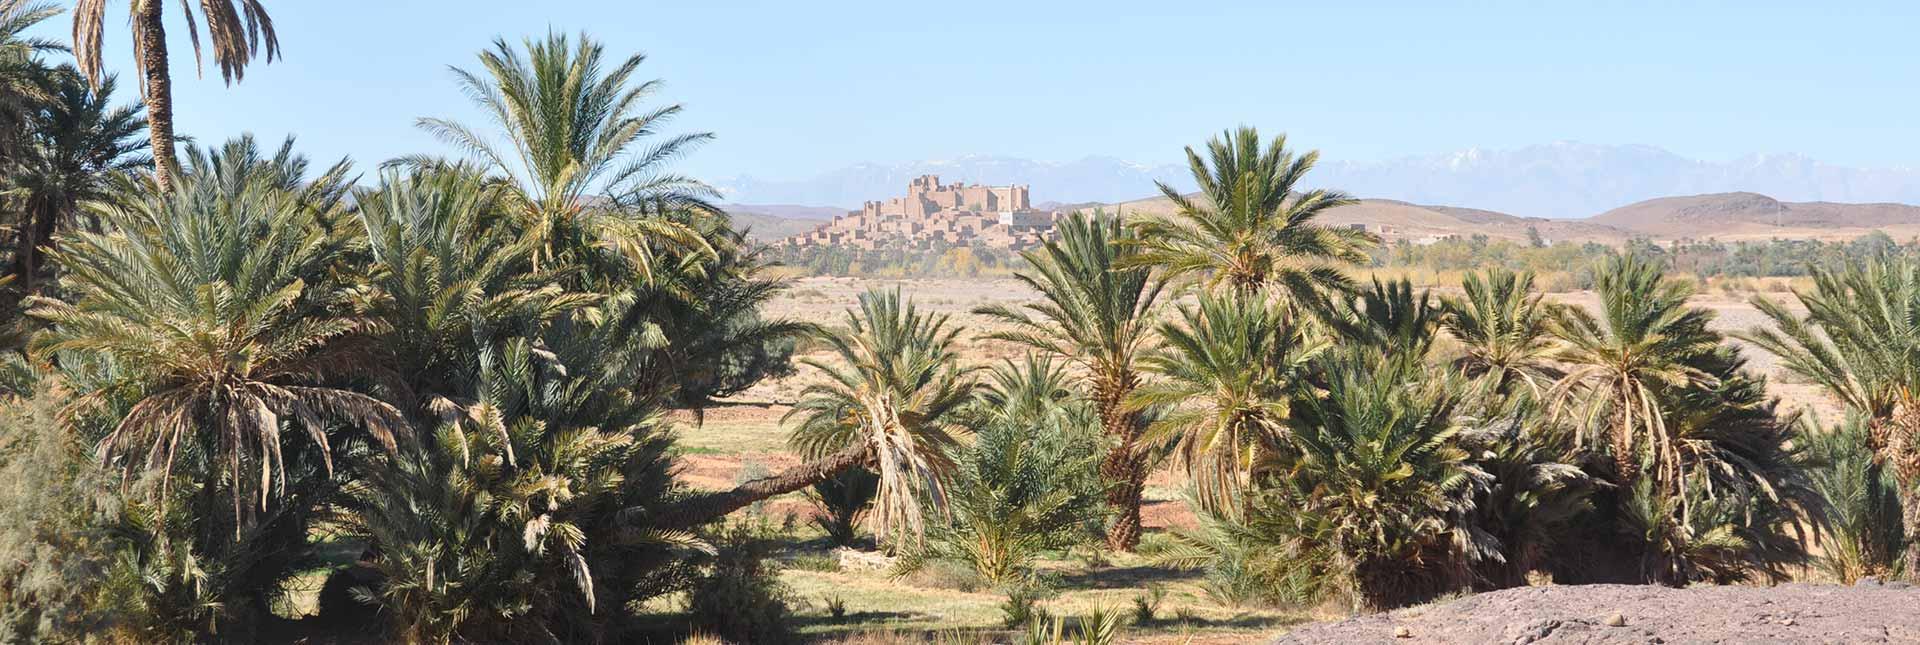 La casbah de Tifoultoute à la porte de Ouarzazate est l'ancienne demeure du caïd Glaoui